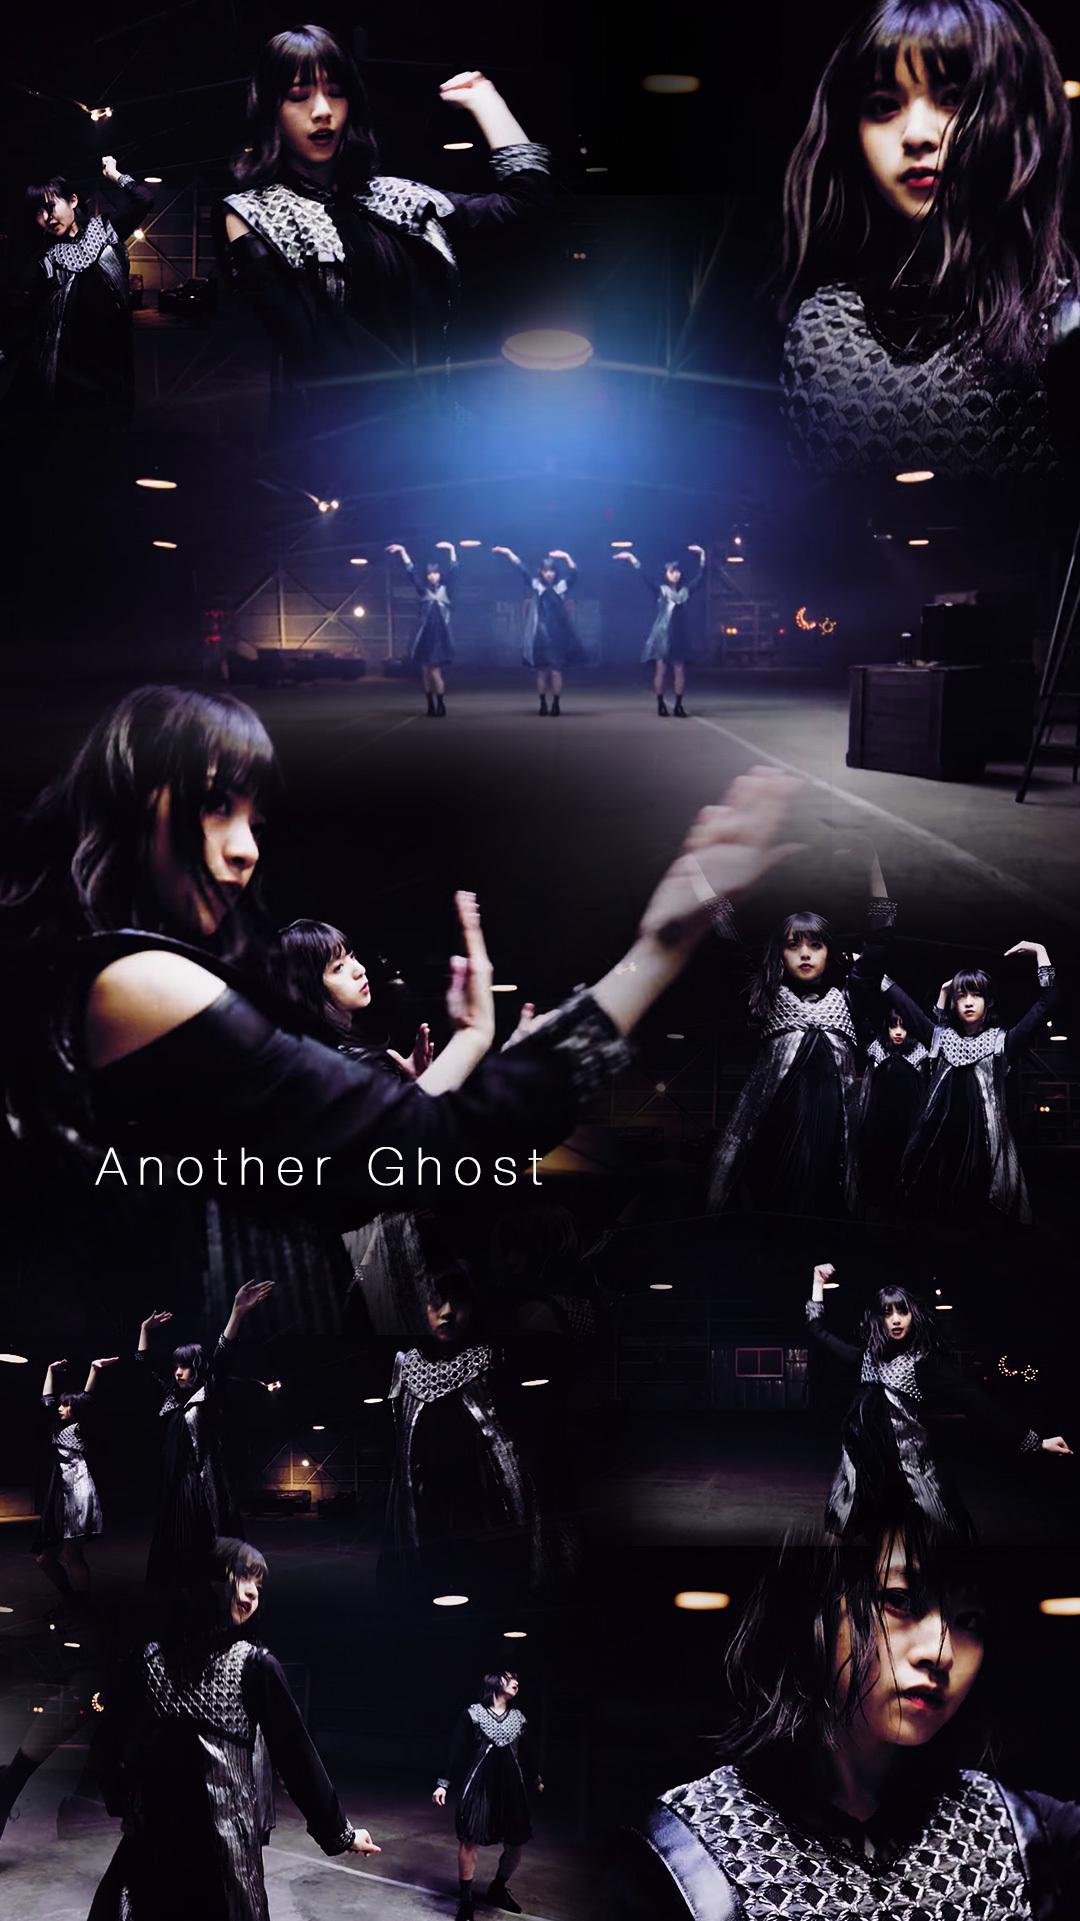 【乃木坂46】17th「Another Ghost」 スマホ壁紙画像|170318|01